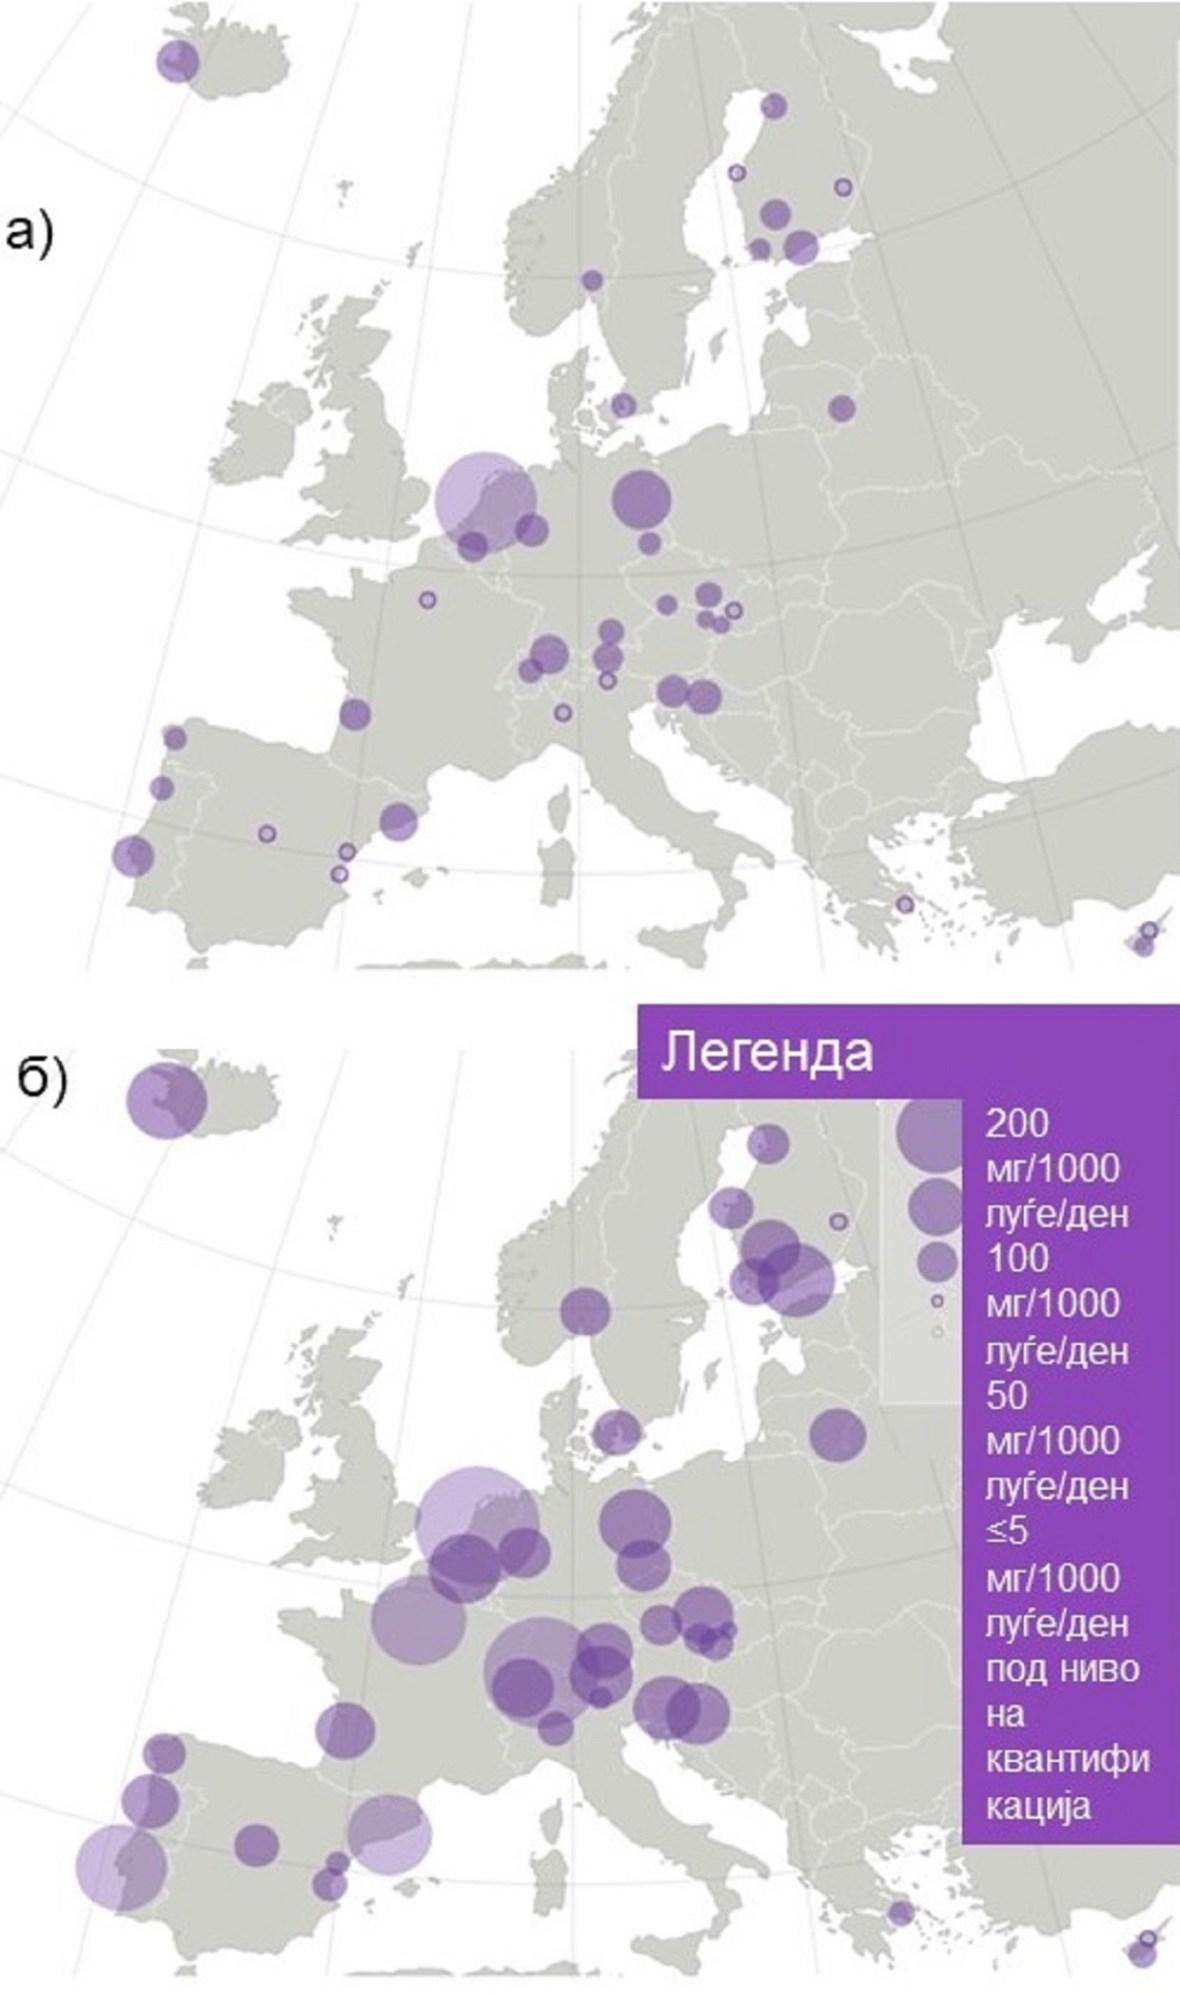 Слика 3. Разлики во количина конзумирани екстази (MDMA) во Европа во текот на работен и неработен ден: а) конзумирани количини во четврток, б) конзумирани количини во недела. (модифицирана слика, ИЗВОР: EMCDDA, 2019)